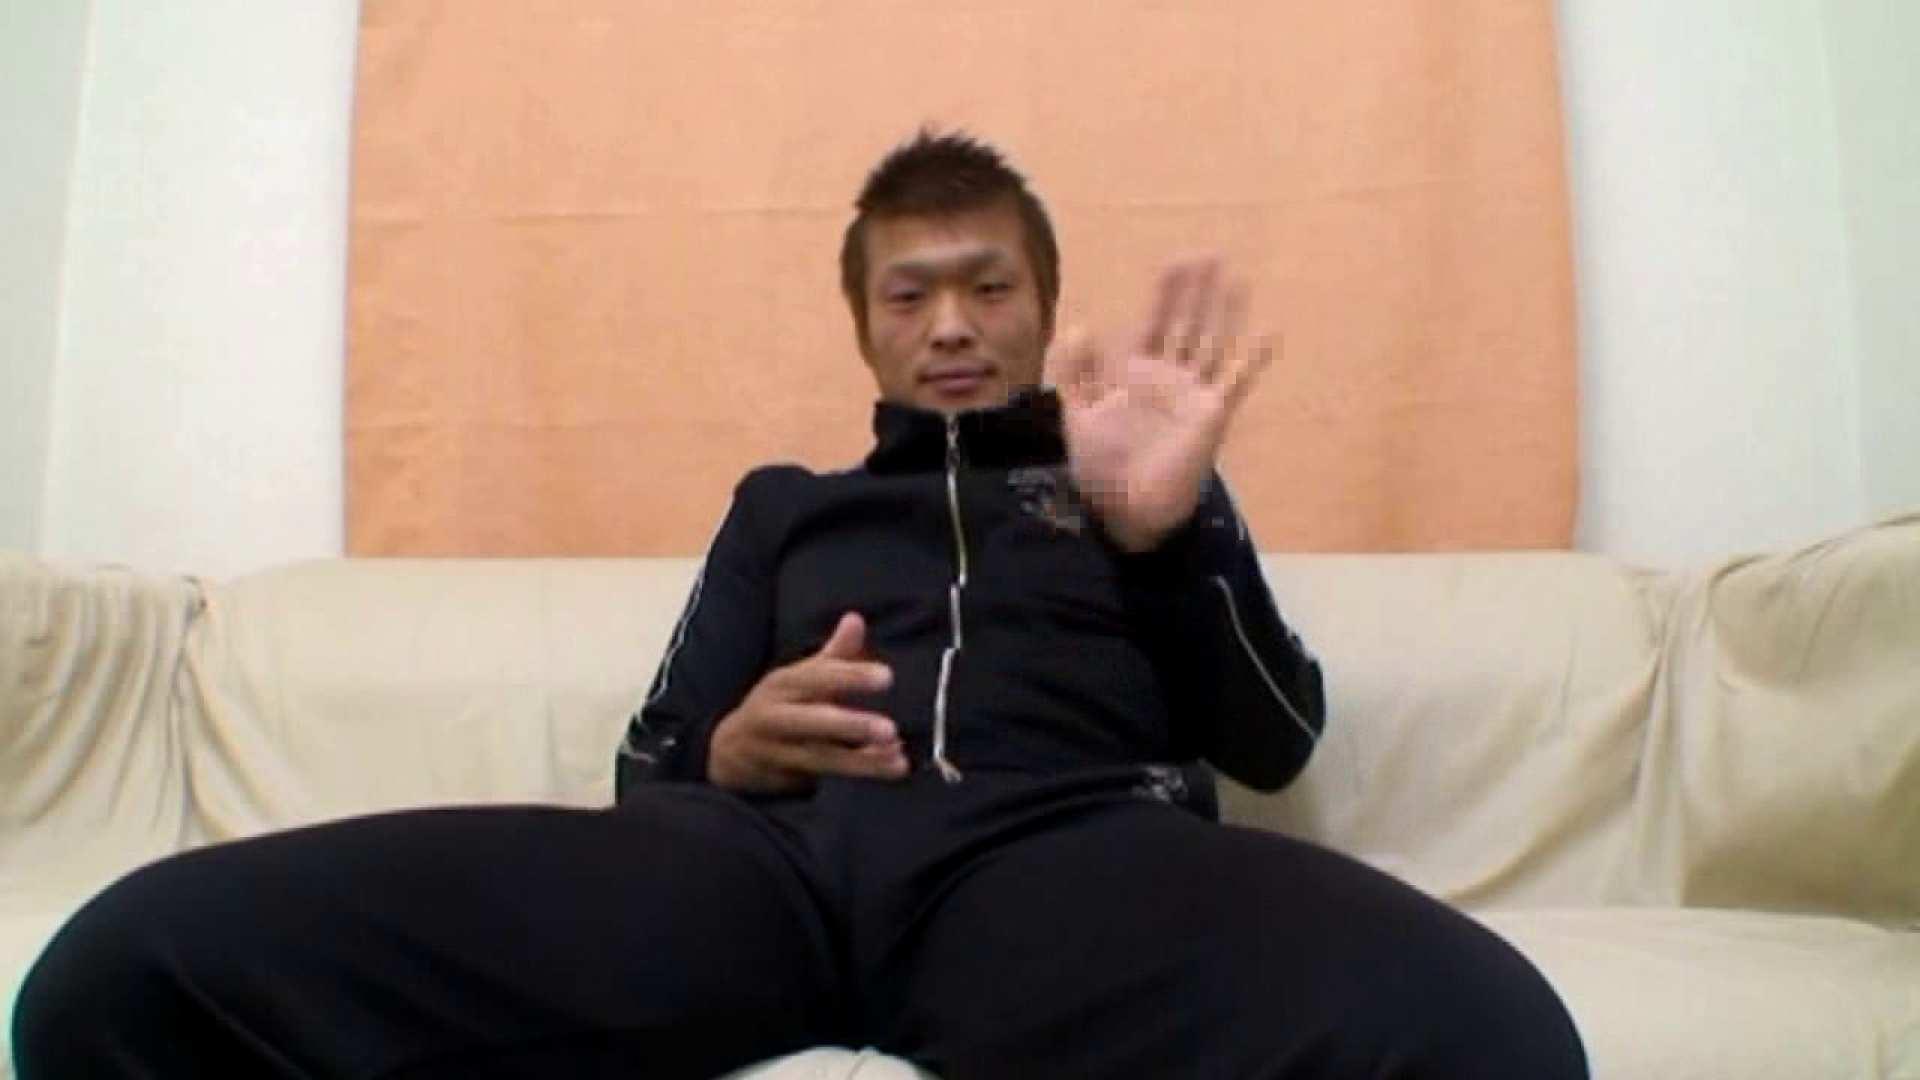 ノンケ!自慰スタジオ No.31 ゲイの自慰 ゲイ丸見え画像 102pic 5